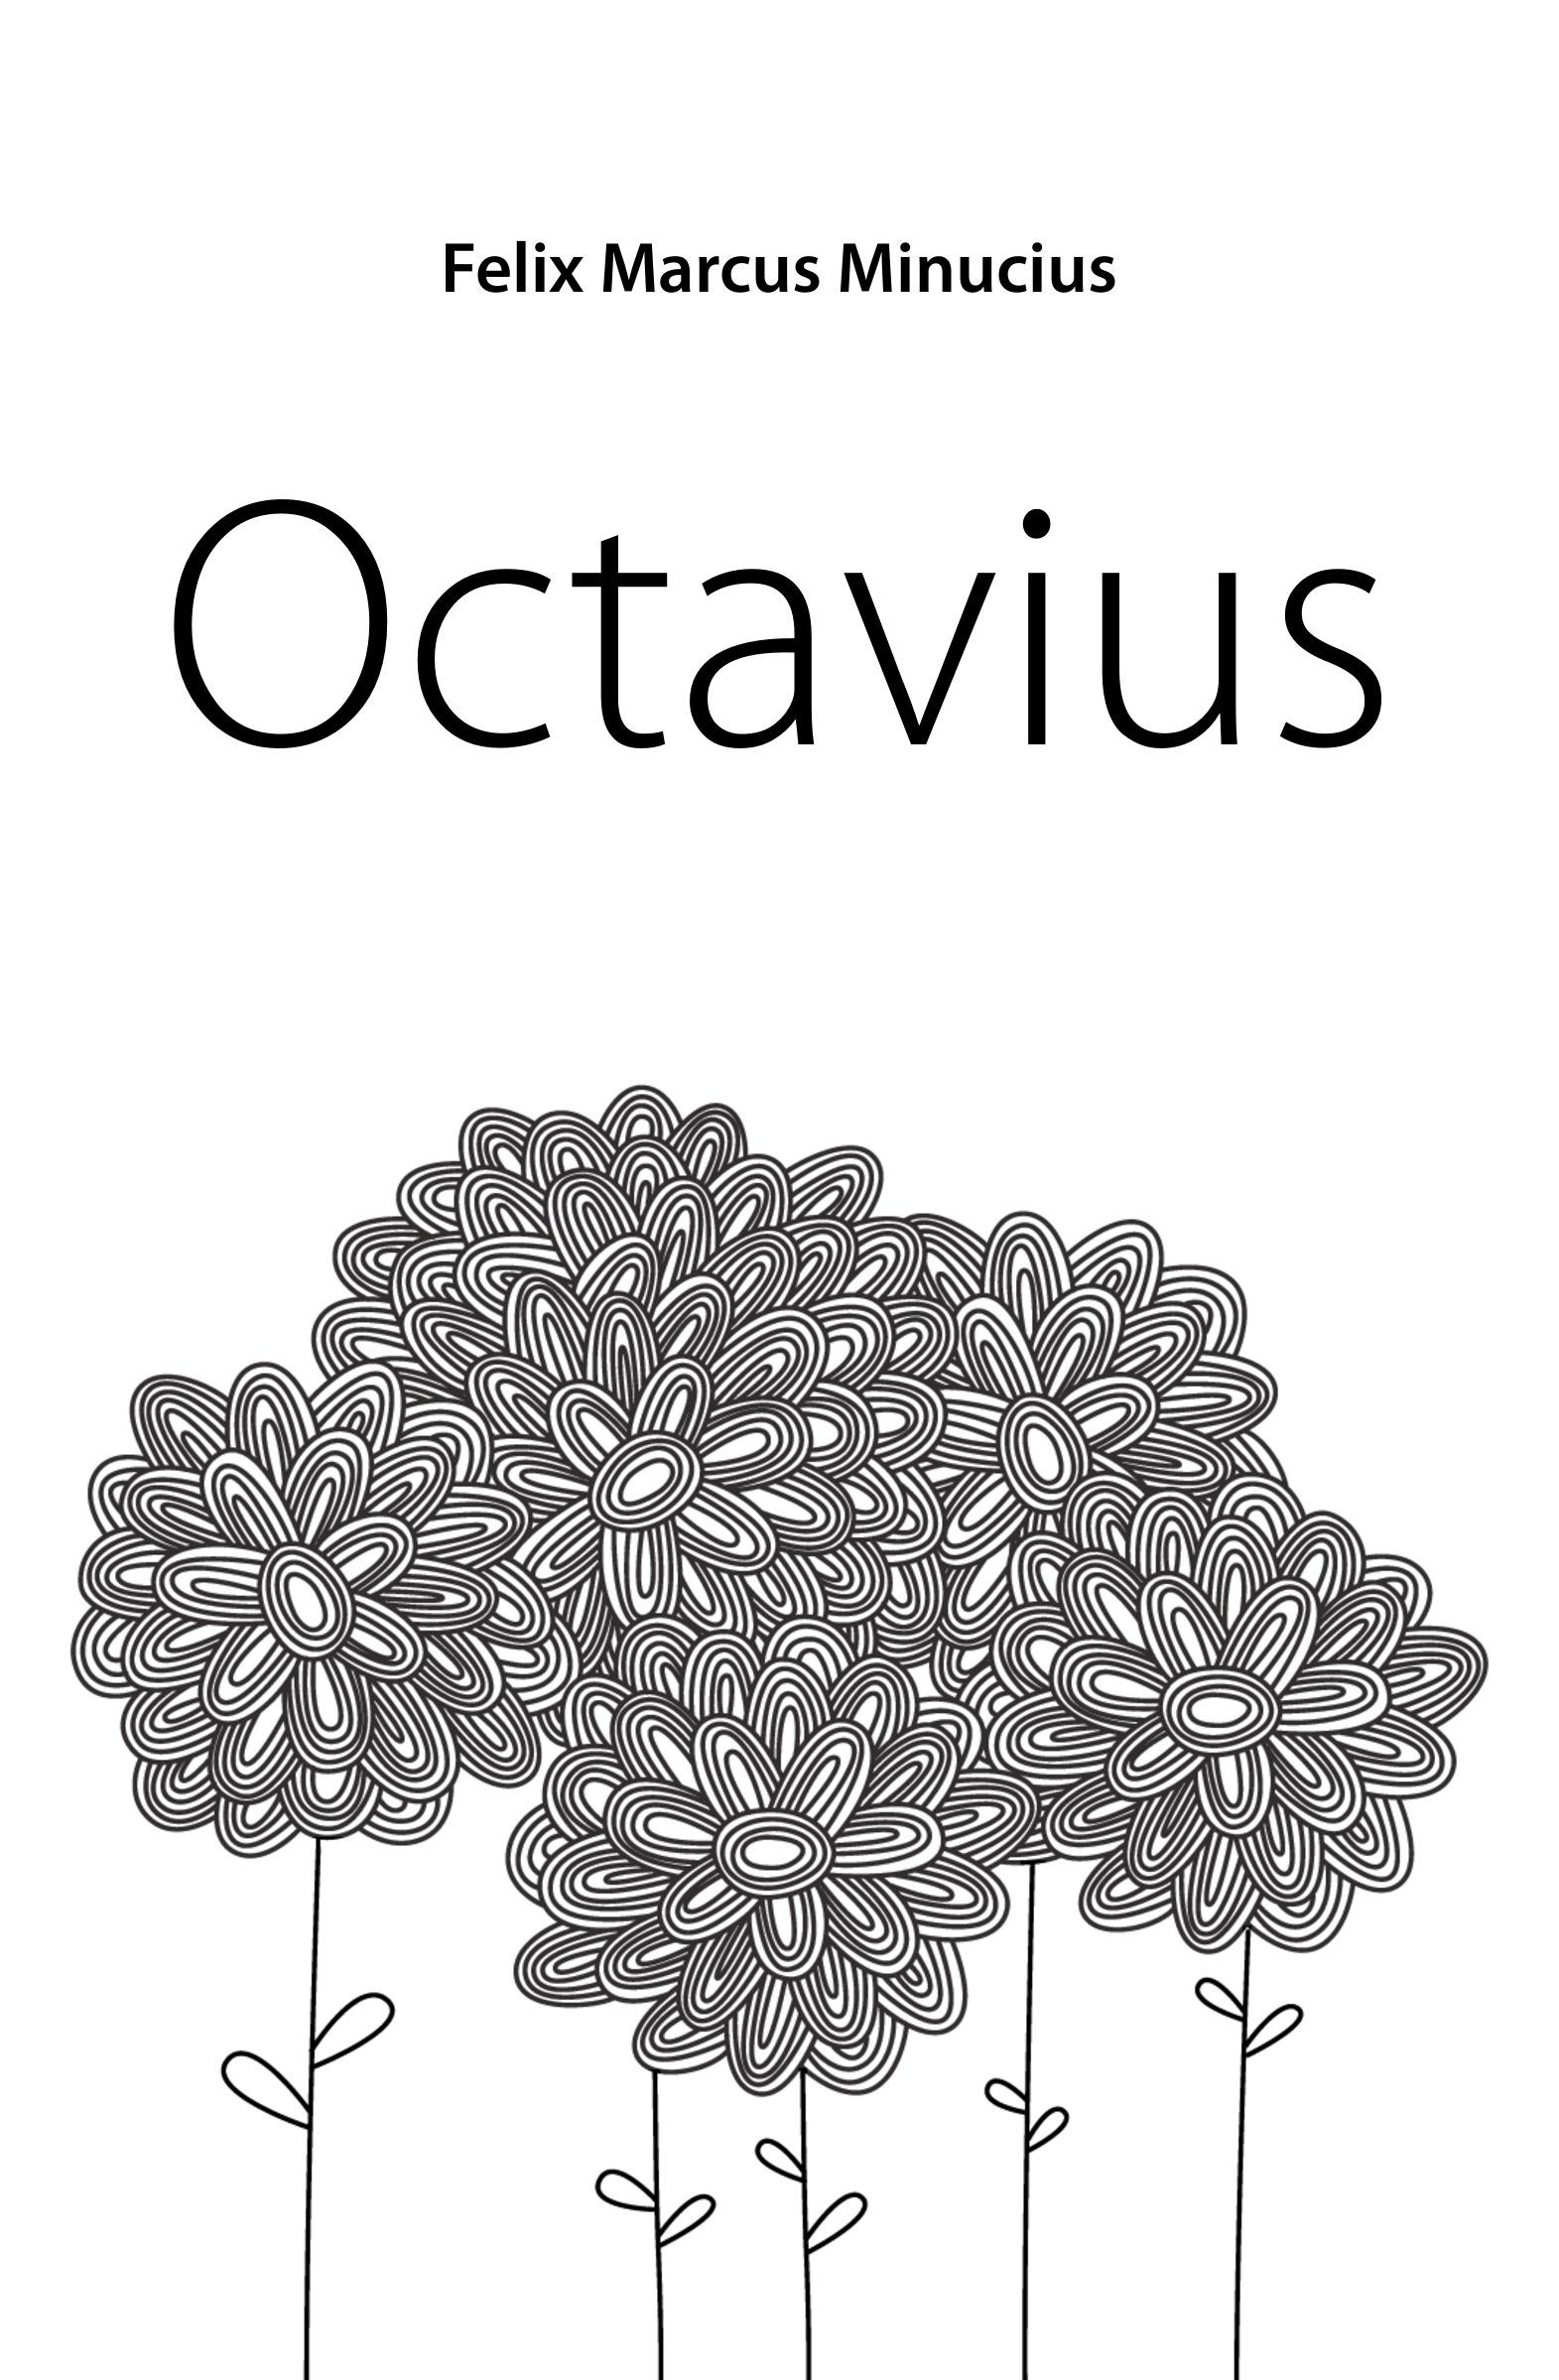 Felix Marcus Minucius Octavius j p waltzing octavius de m minucius felix